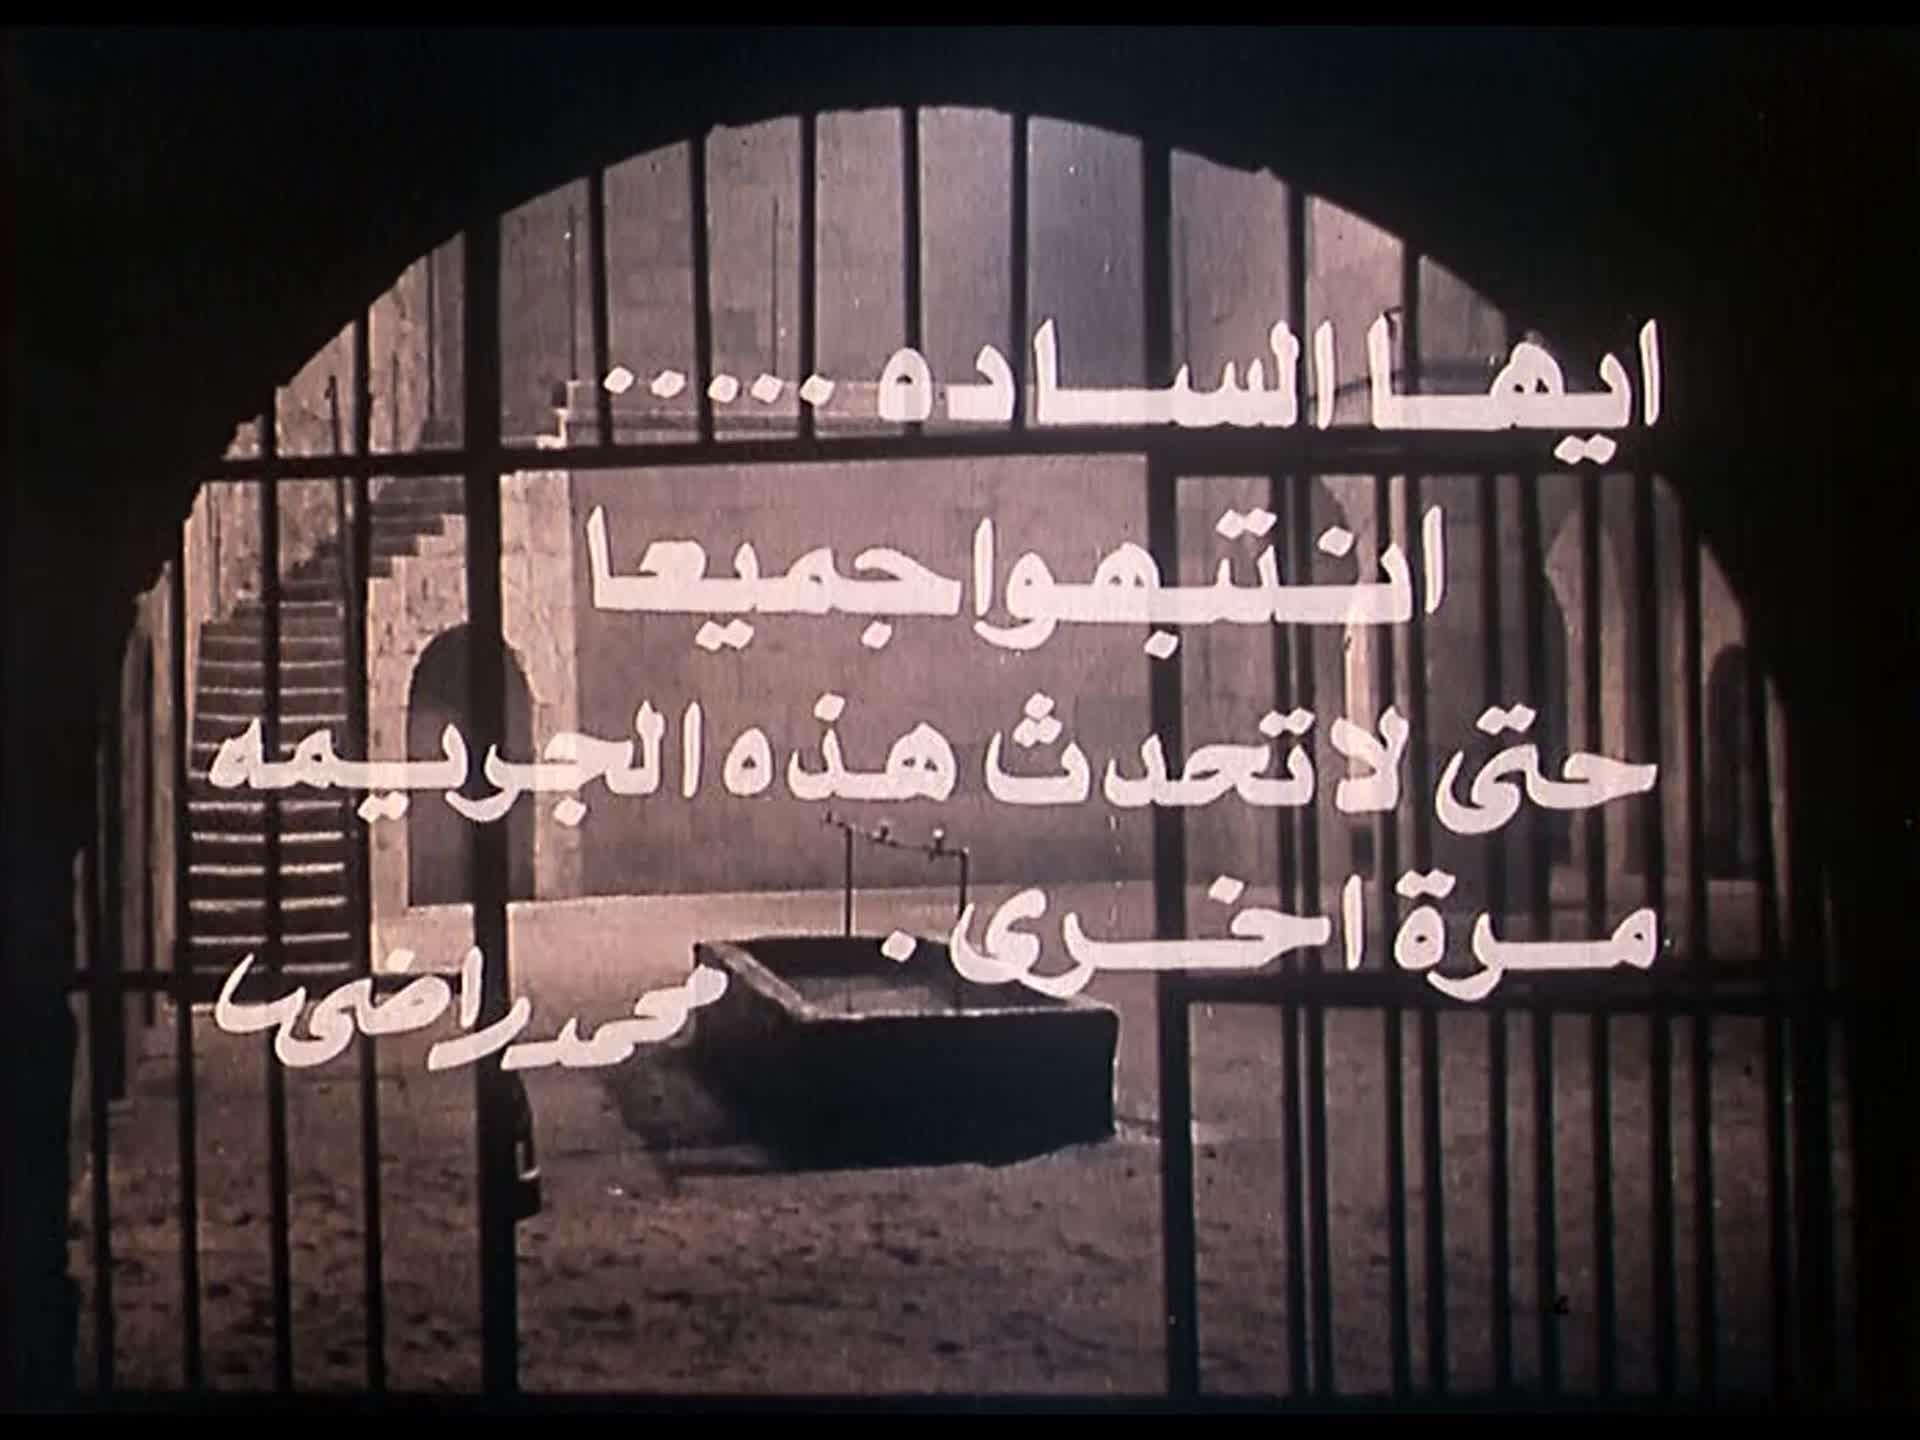 [فيلم][تورنت][تحميل][وراء الشمس][1978][1080p][Web-DL] 3 arabp2p.com